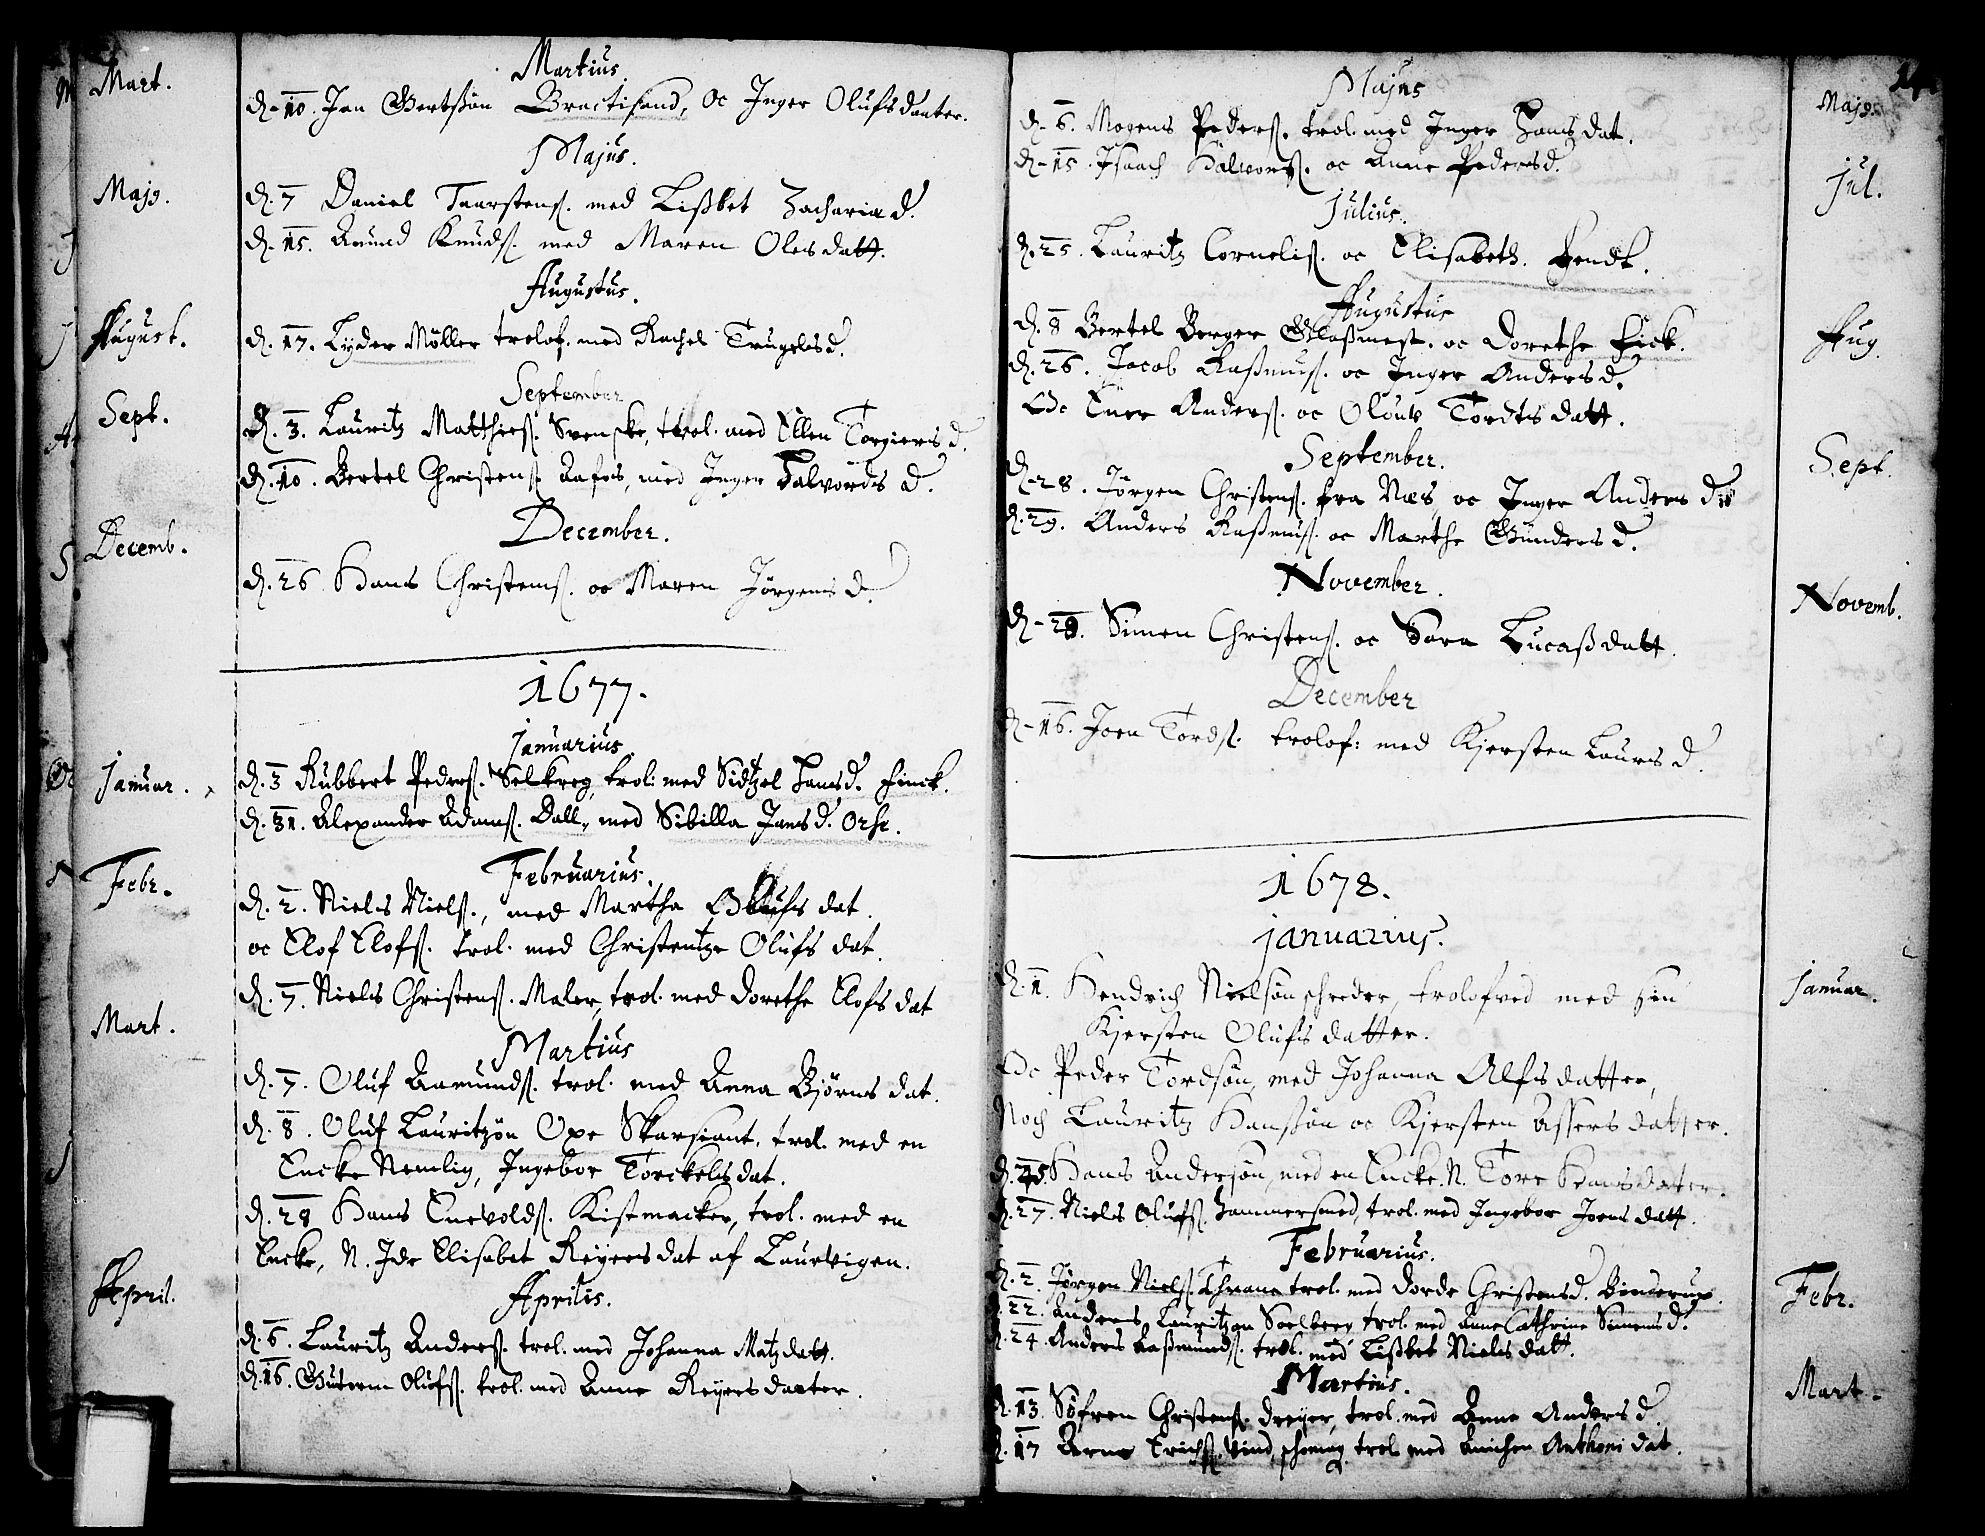 SAKO, Skien kirkebøker, F/Fa/L0001: Ministerialbok nr. 1, 1659-1679, s. 14